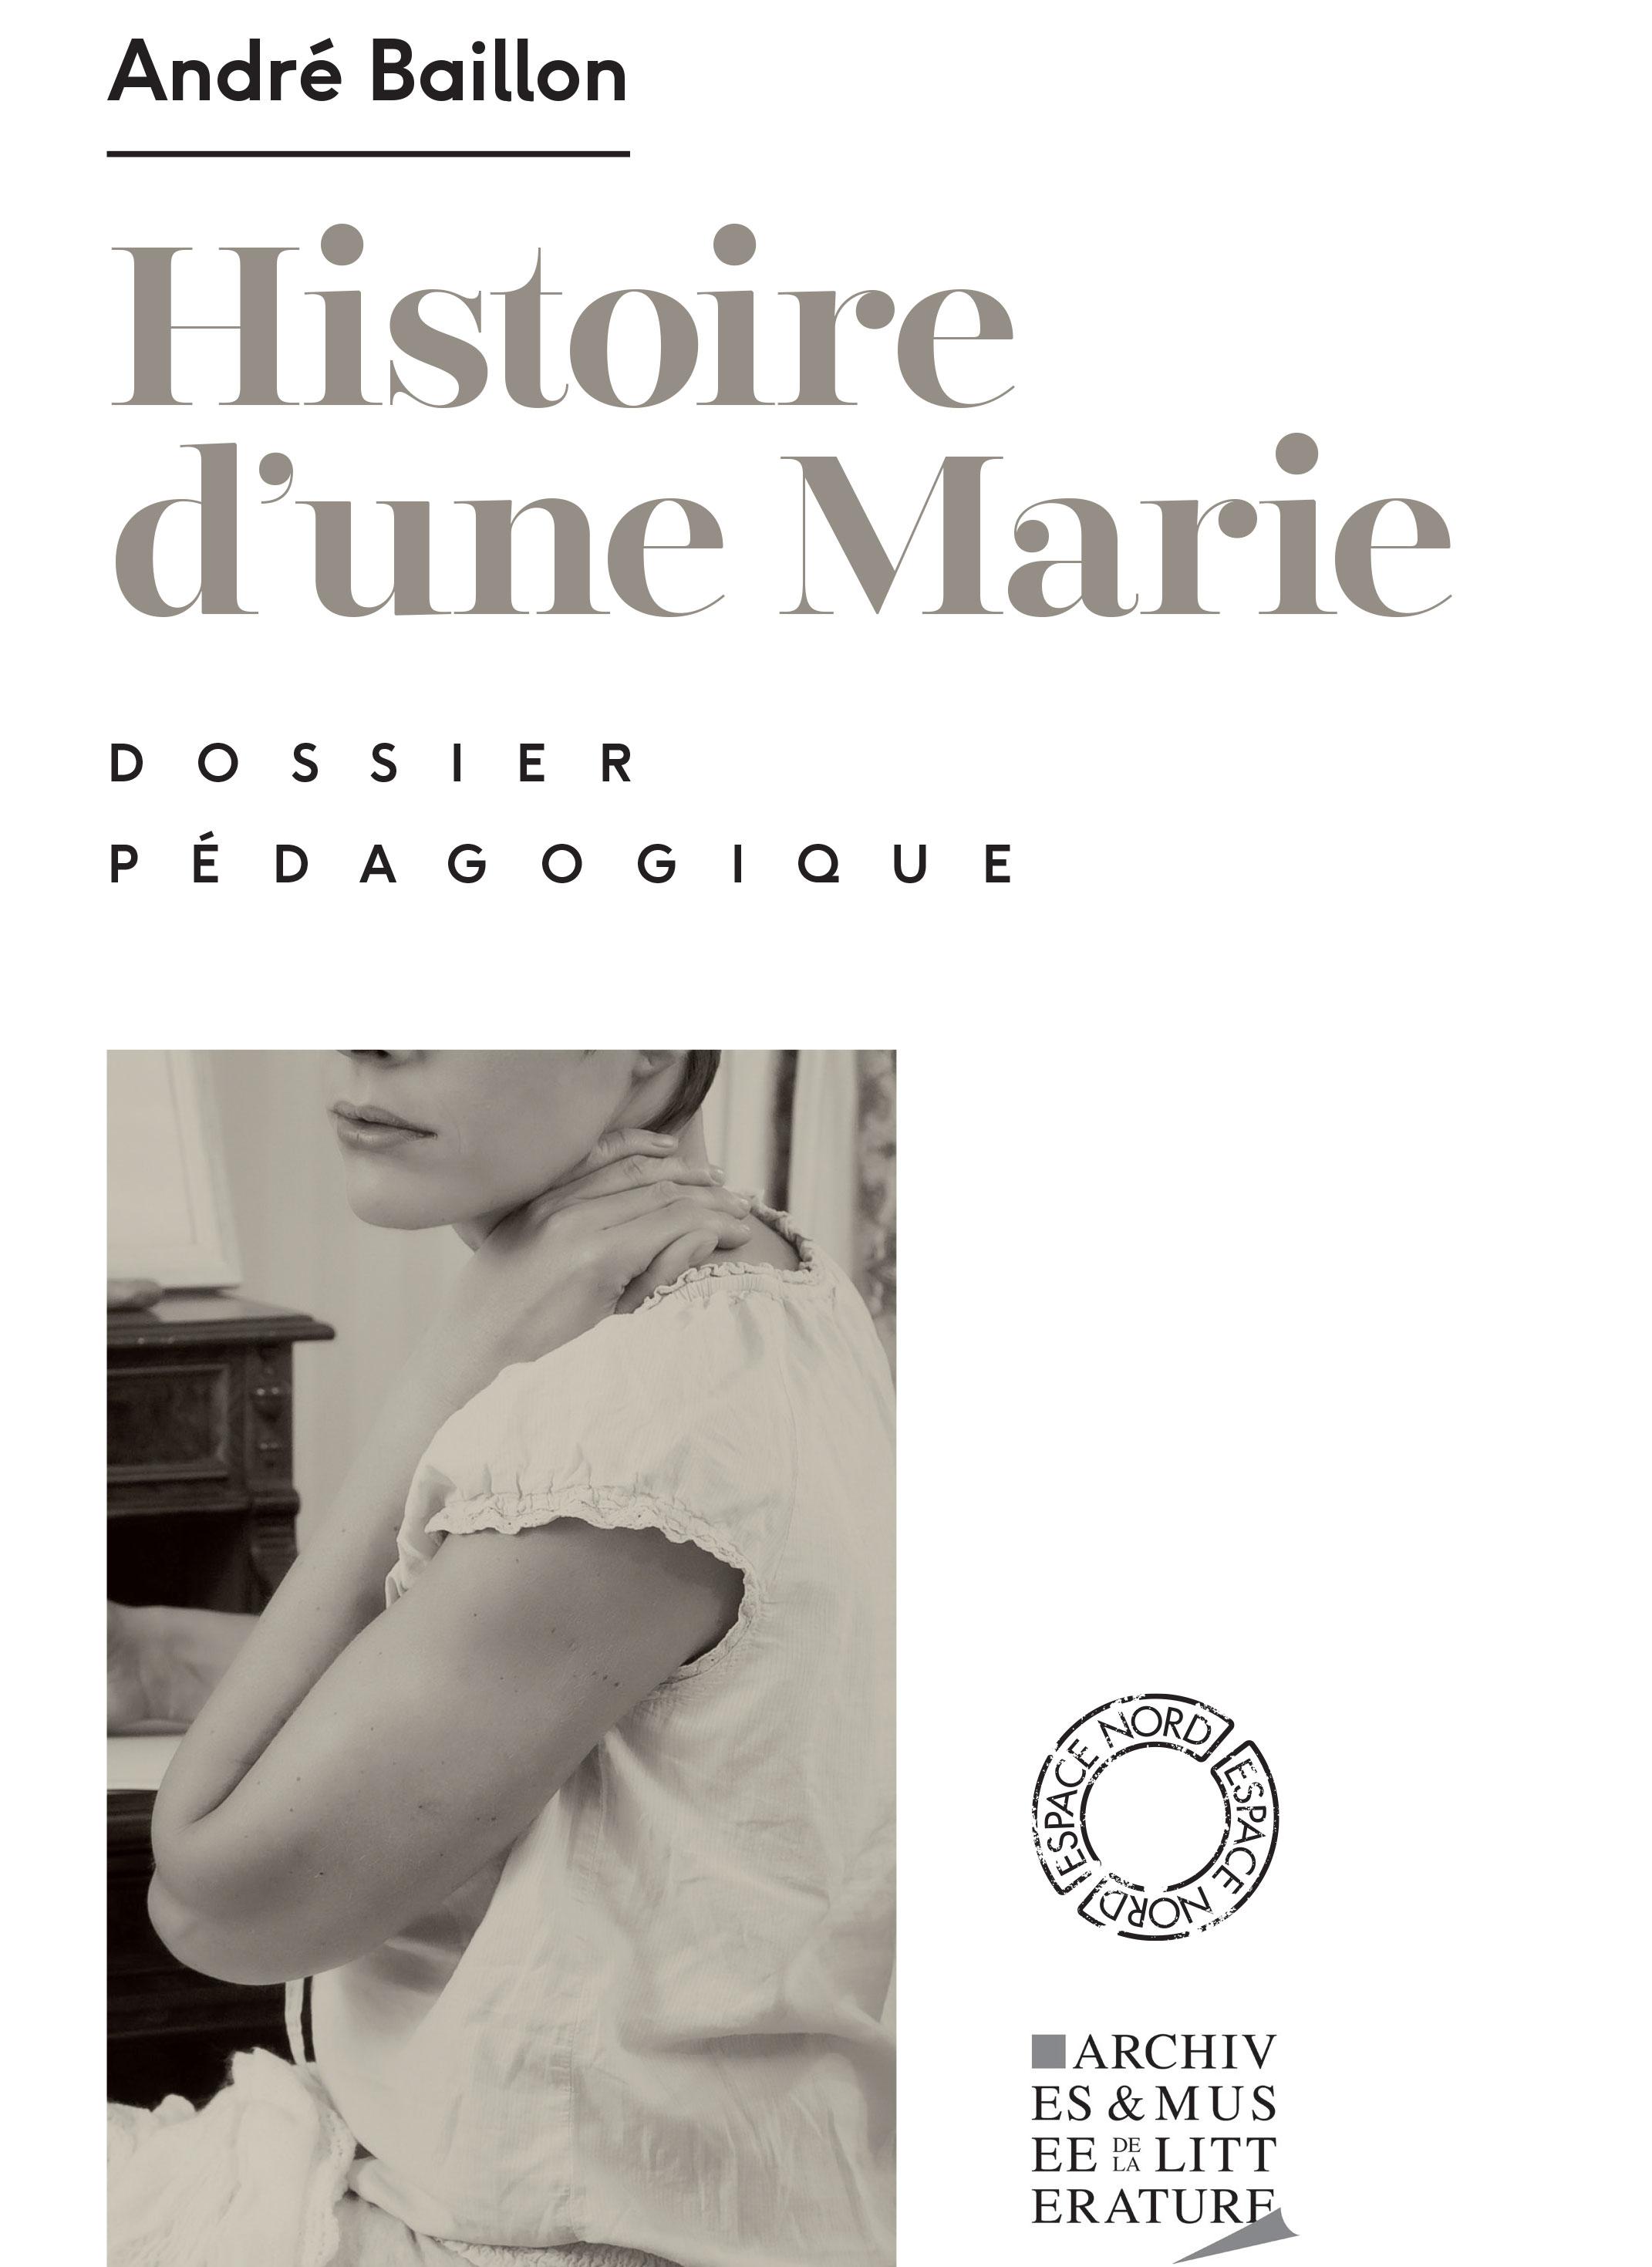 Dossier pédagogique : Histoire d'une Marie